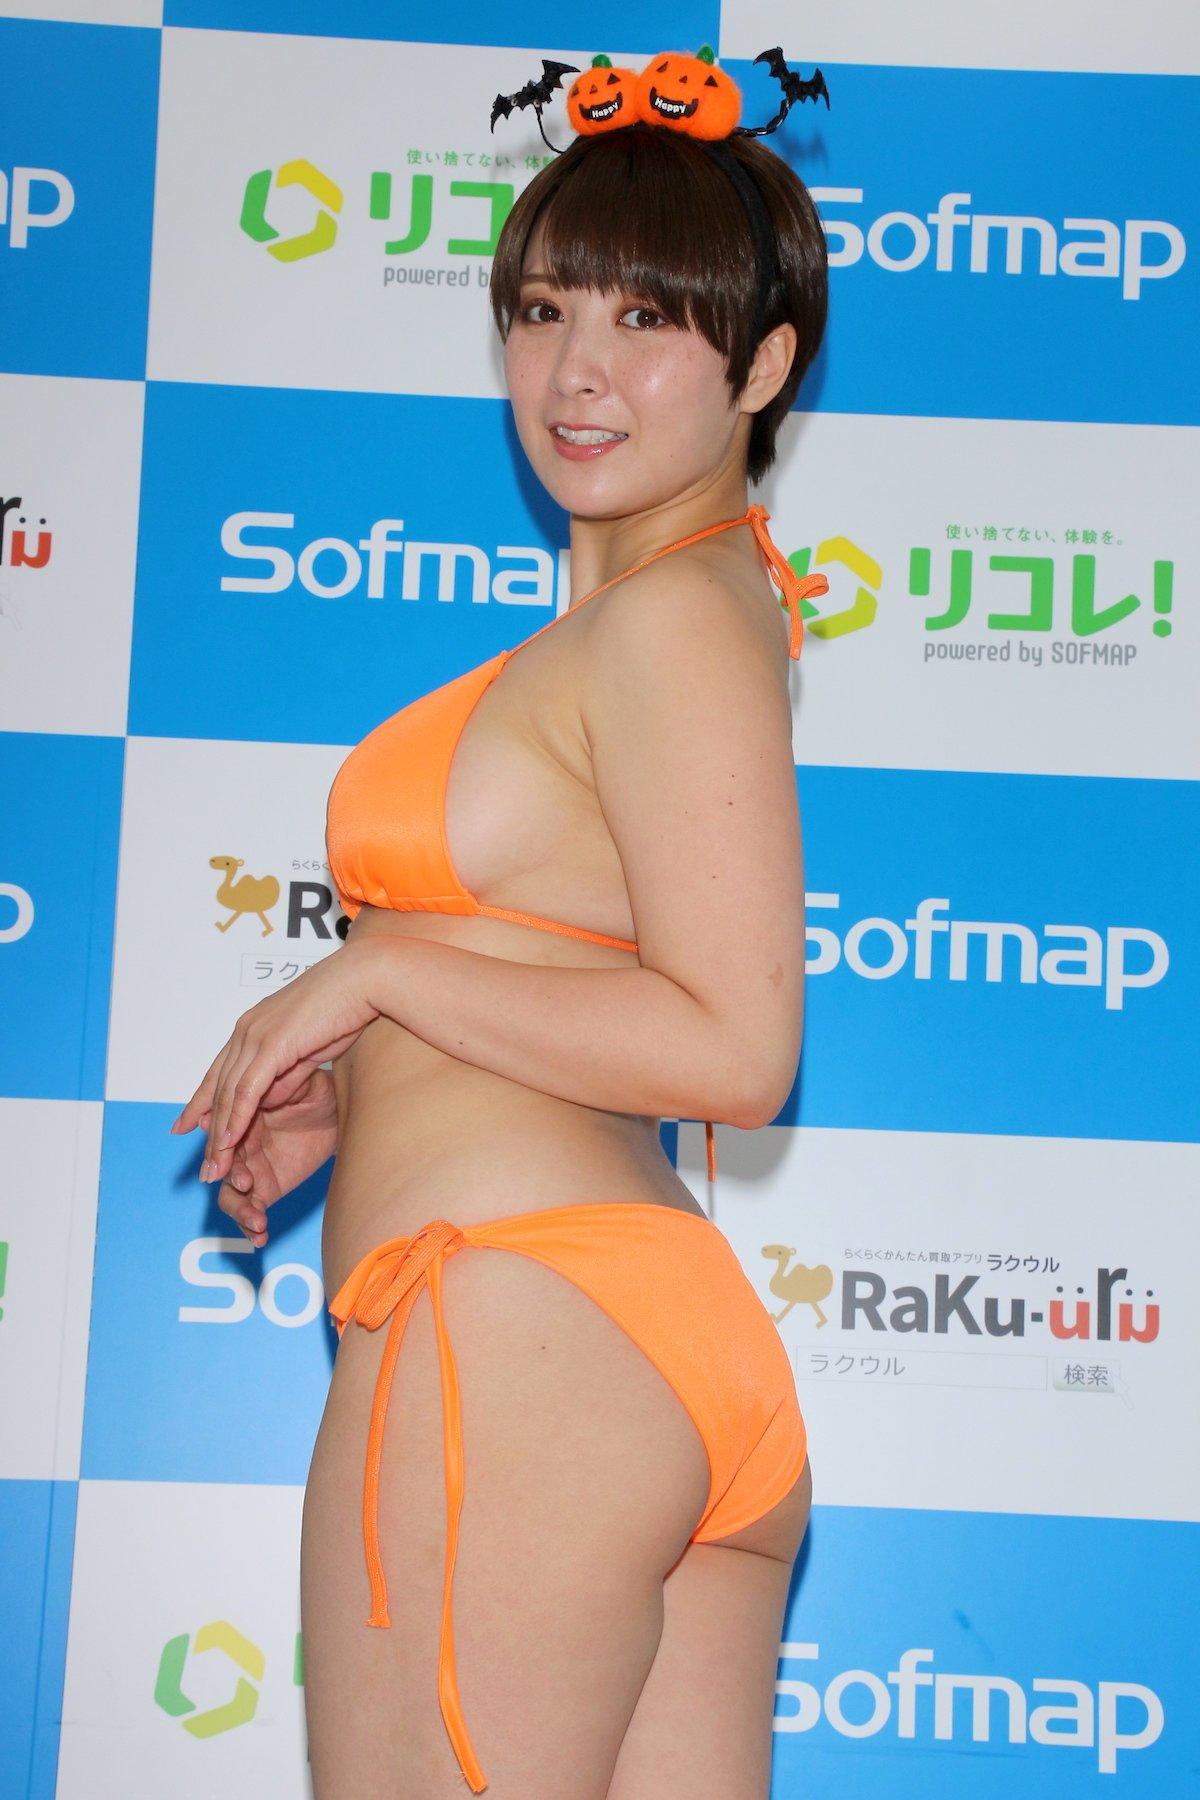 紺野栞「SM嬢に初挑戦」ムチを覚えて感動しました【画像49枚】の画像007